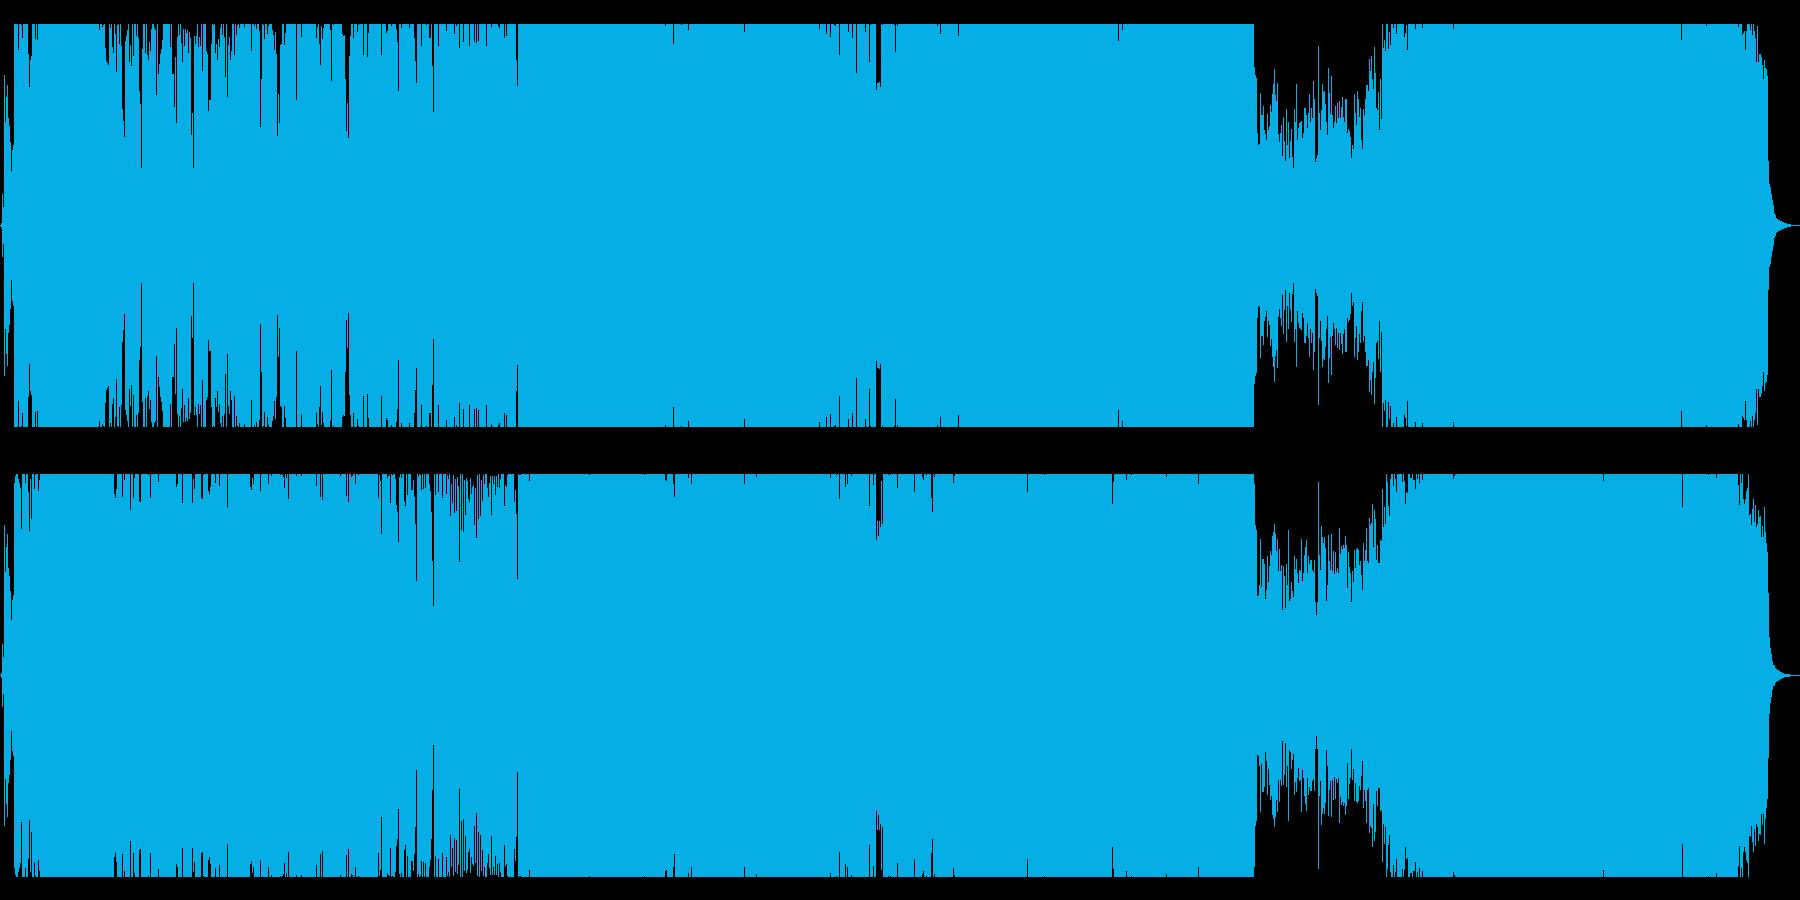 アニメ映画の主題歌のような疾走感のある歌の再生済みの波形